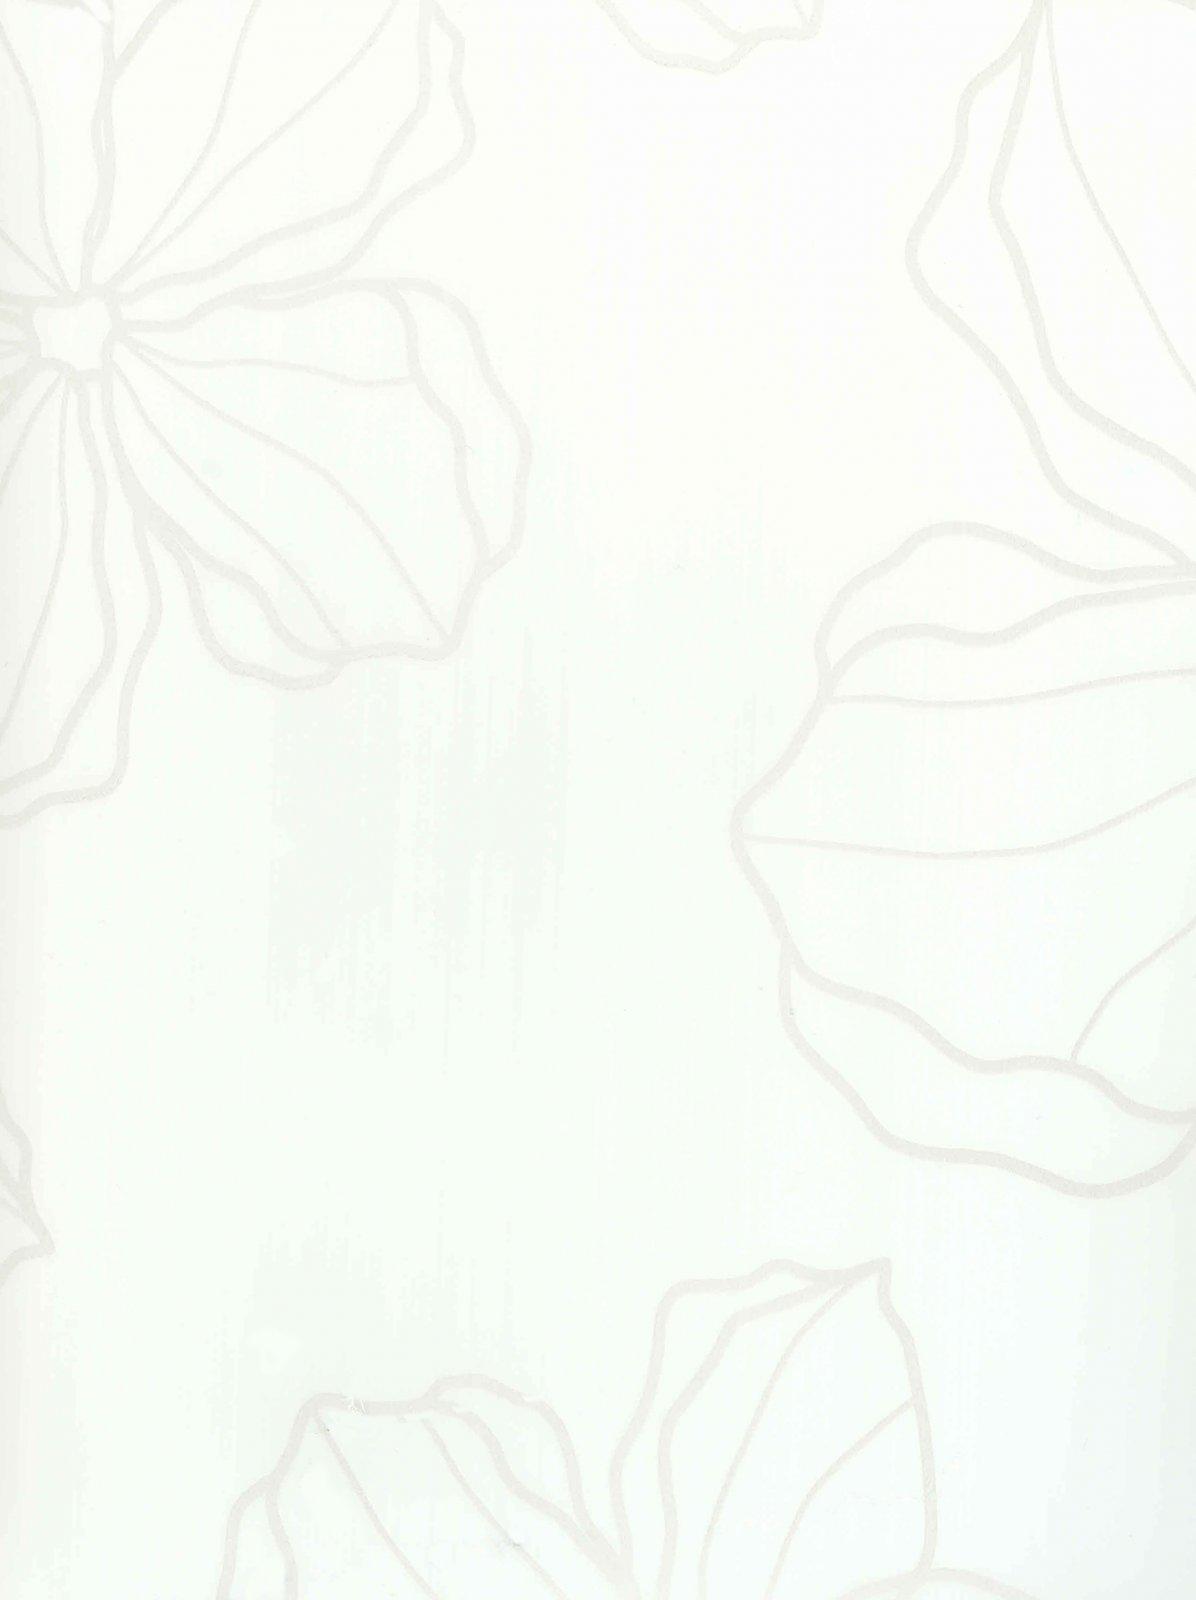 Пленка ПВХ Лотос белый глянец